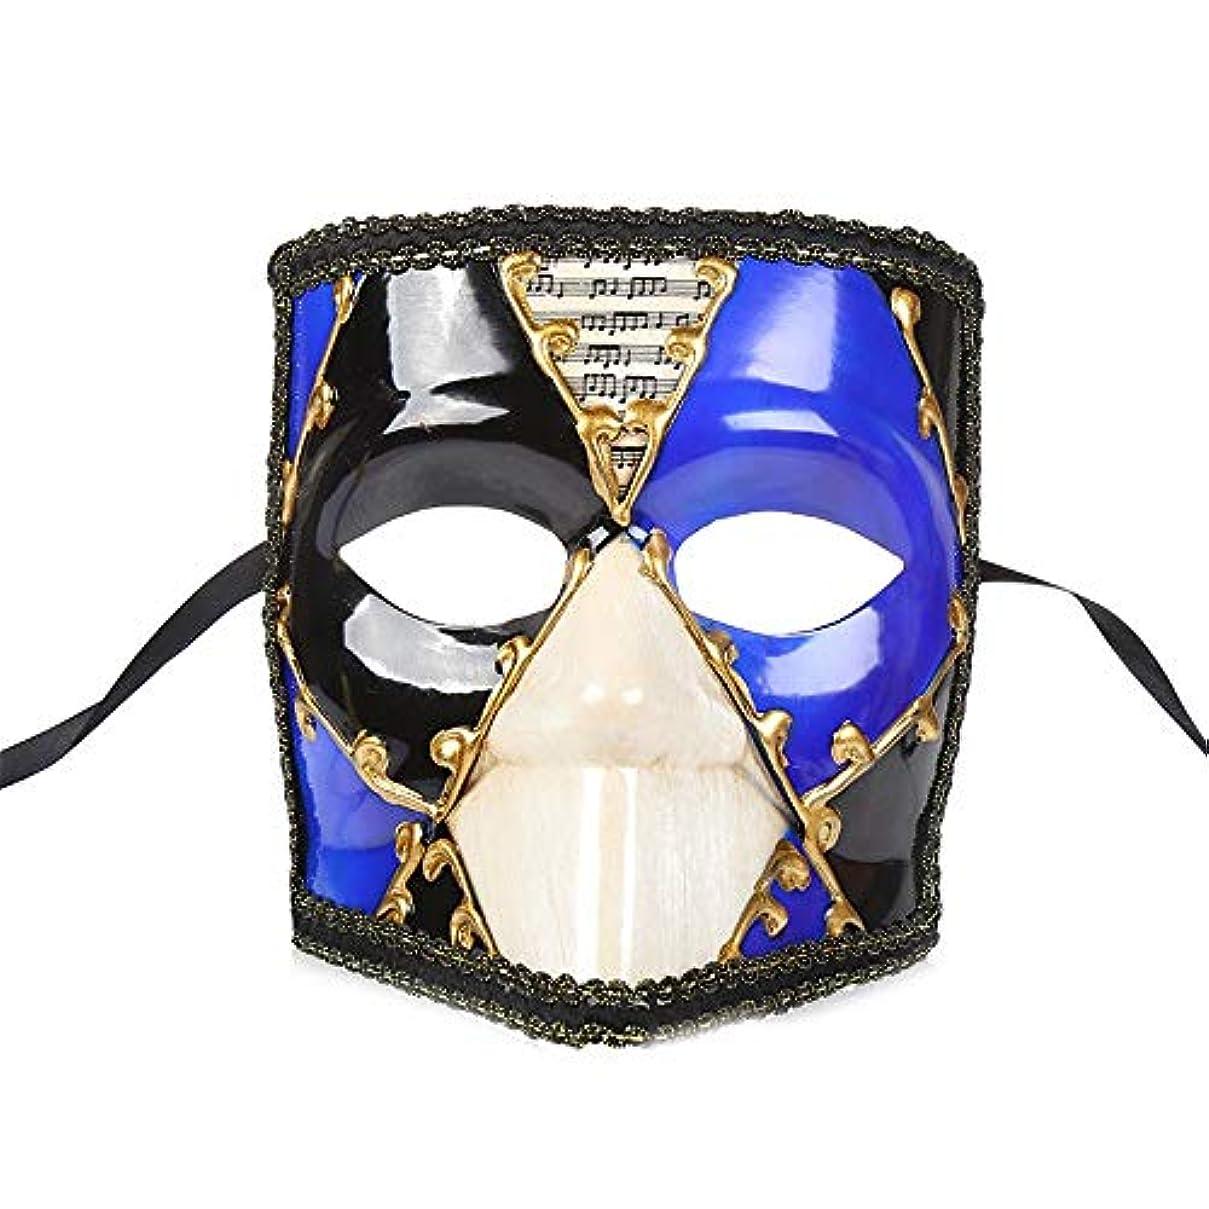 社員専門化する影のあるダンスマスク ピエロマスクヴィンテージマスカレードショーデコレーションコスプレナイトクラブプラスチック厚いマスク ホリデーパーティー用品 (色 : 青, サイズ : 18x15cm)